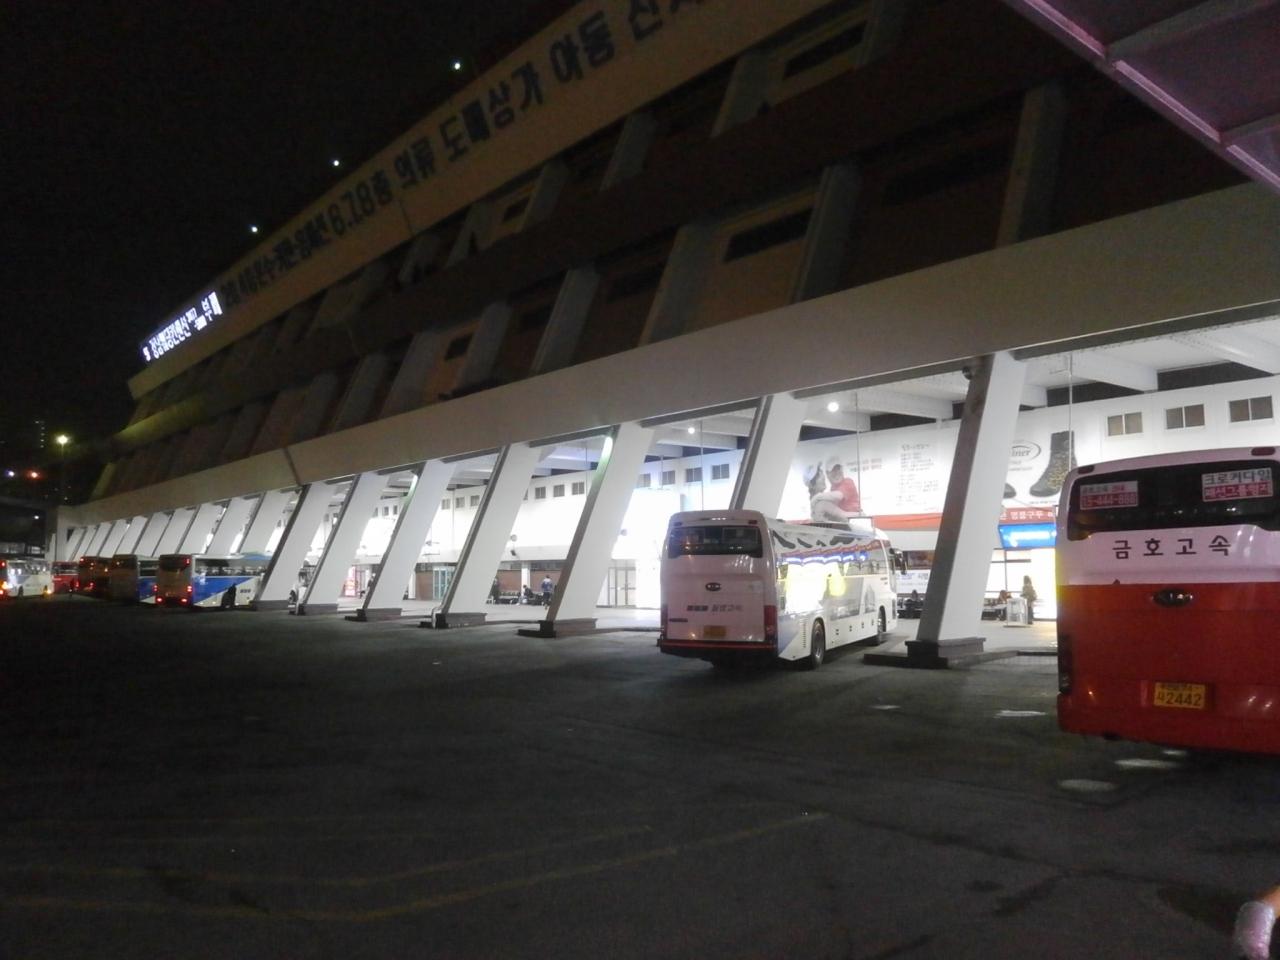 韓国各都市行きの高速バス出発地、釜山行きの便が多いです!地下鉄の駅からすぐ行けます。 〜ソウル高速バスターミナル〜